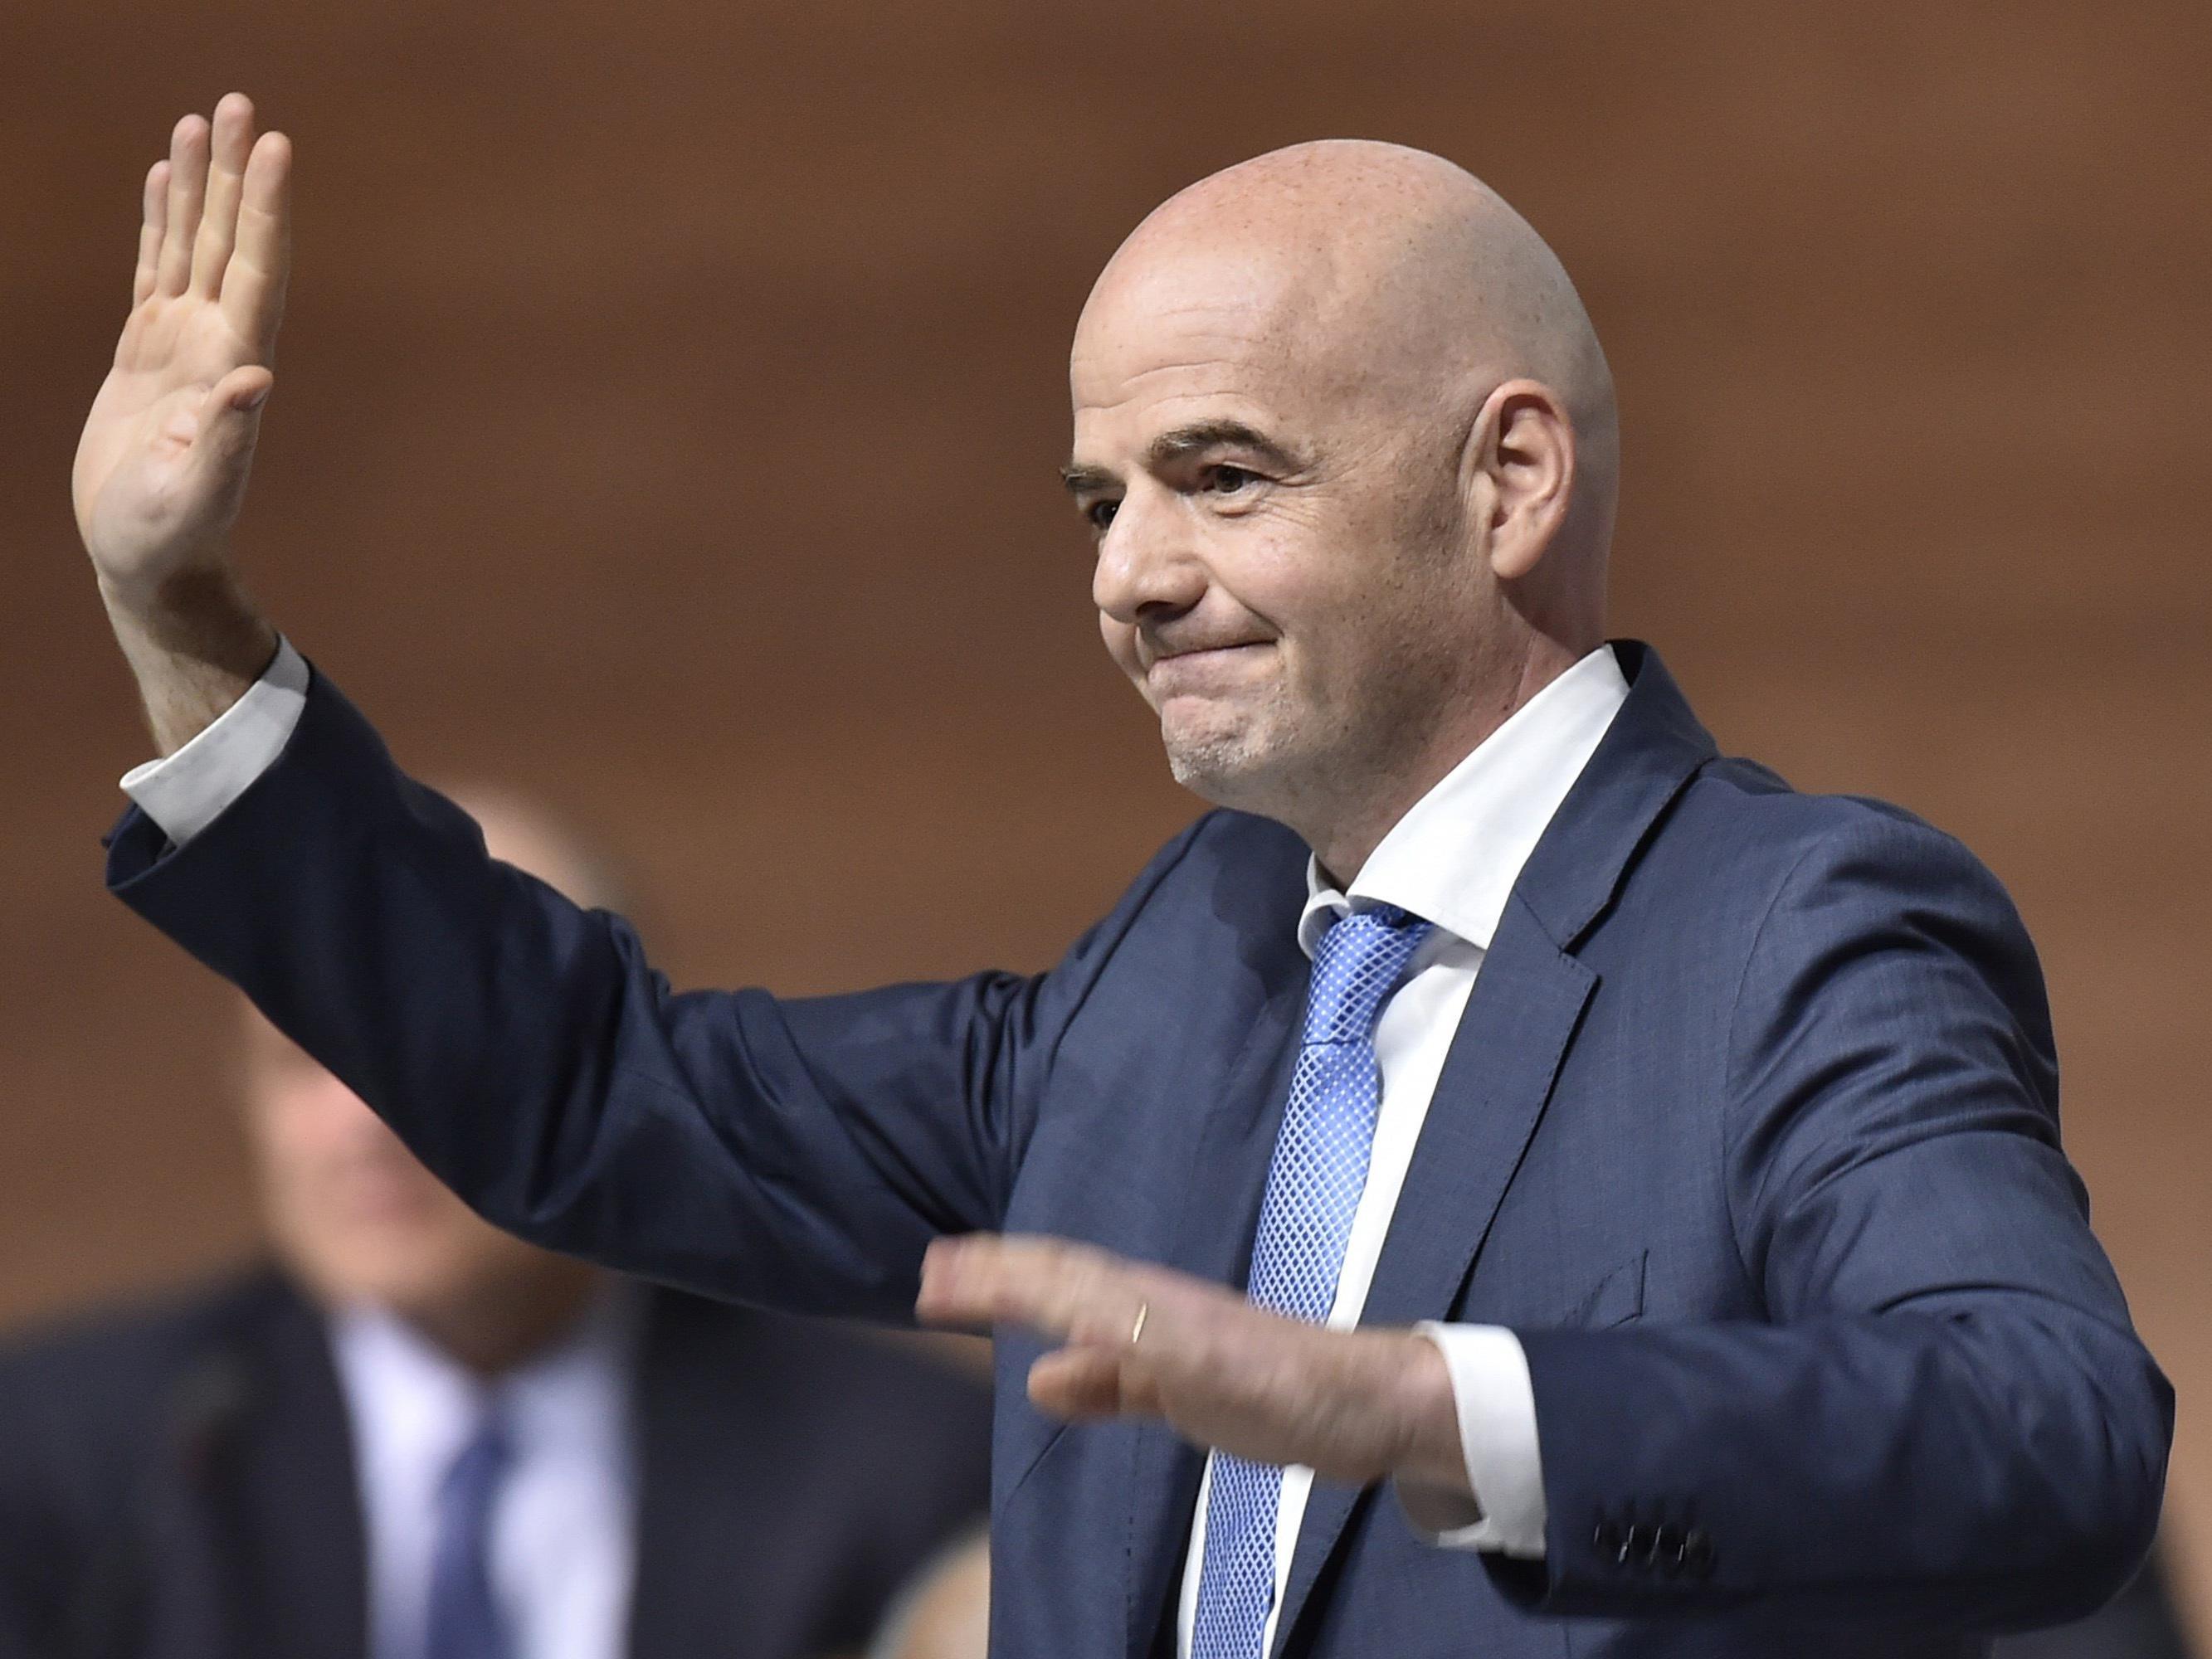 Der Schweizer Gianni Infantino ist Sepp Blatters Nachfolger als neuer FIFA-Präsident.